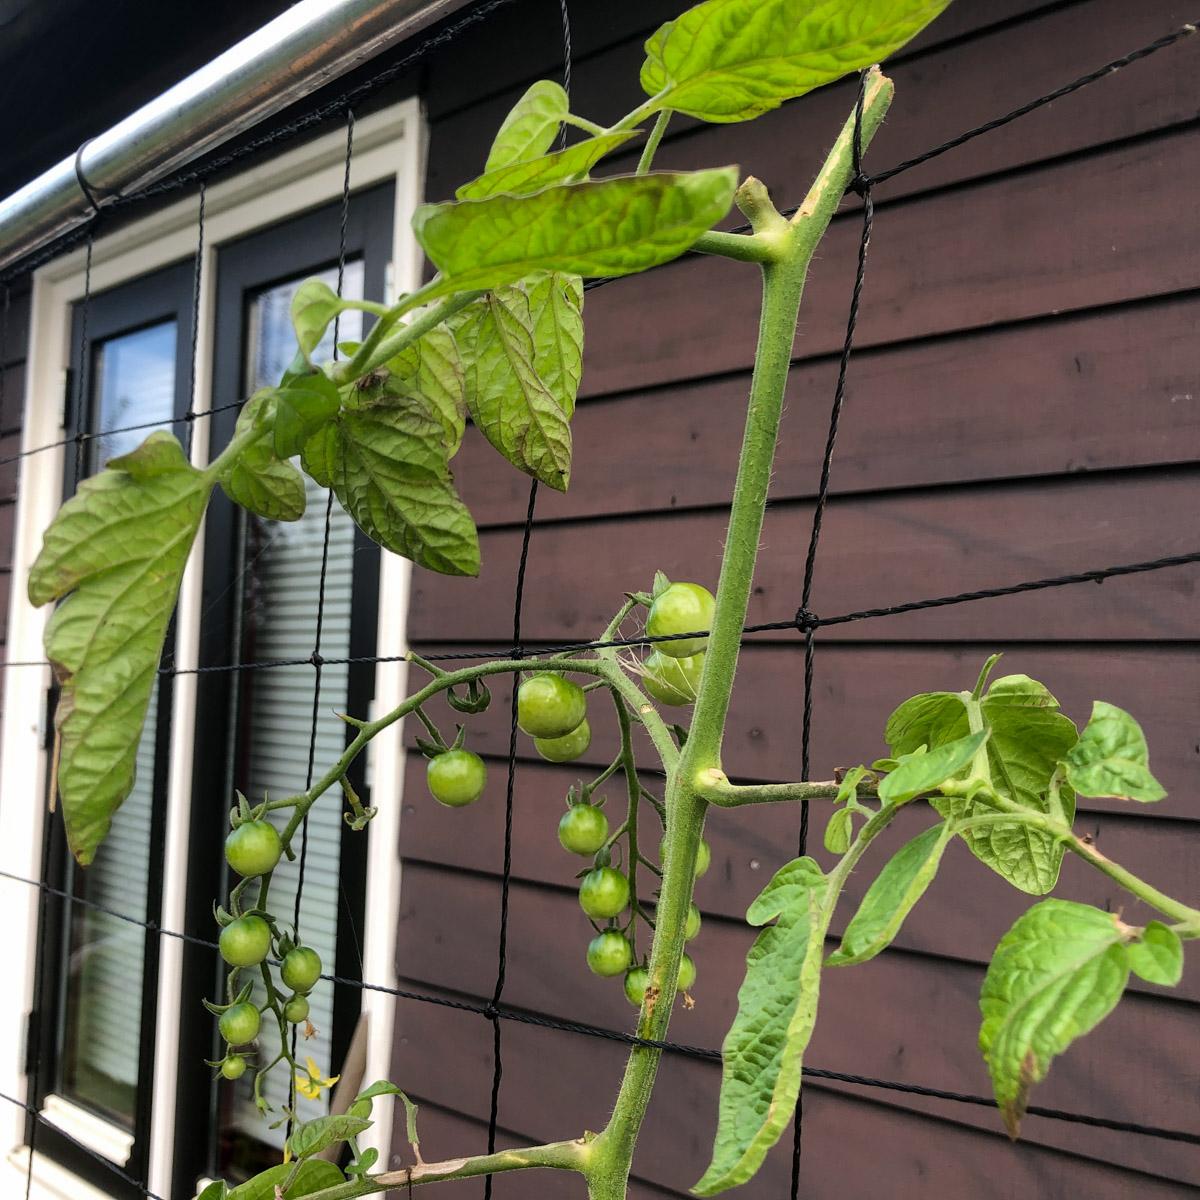 blog-1-sept-2021-tour-of-the-planty-garden25.jpg